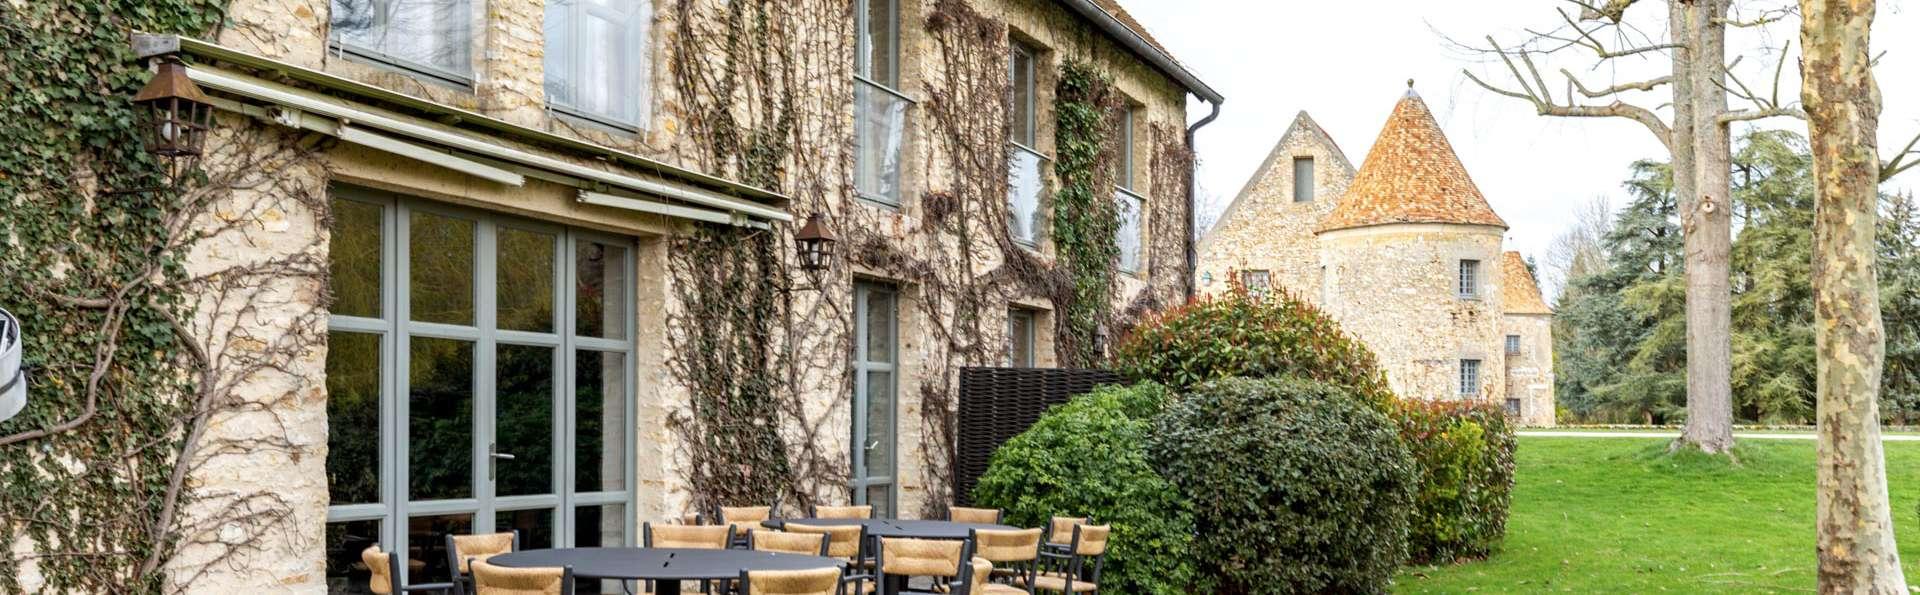 Les Maisons de Campagne - Château de Villiers-Le-Mahieu - EDIT_EXTERIOR_05.jpg